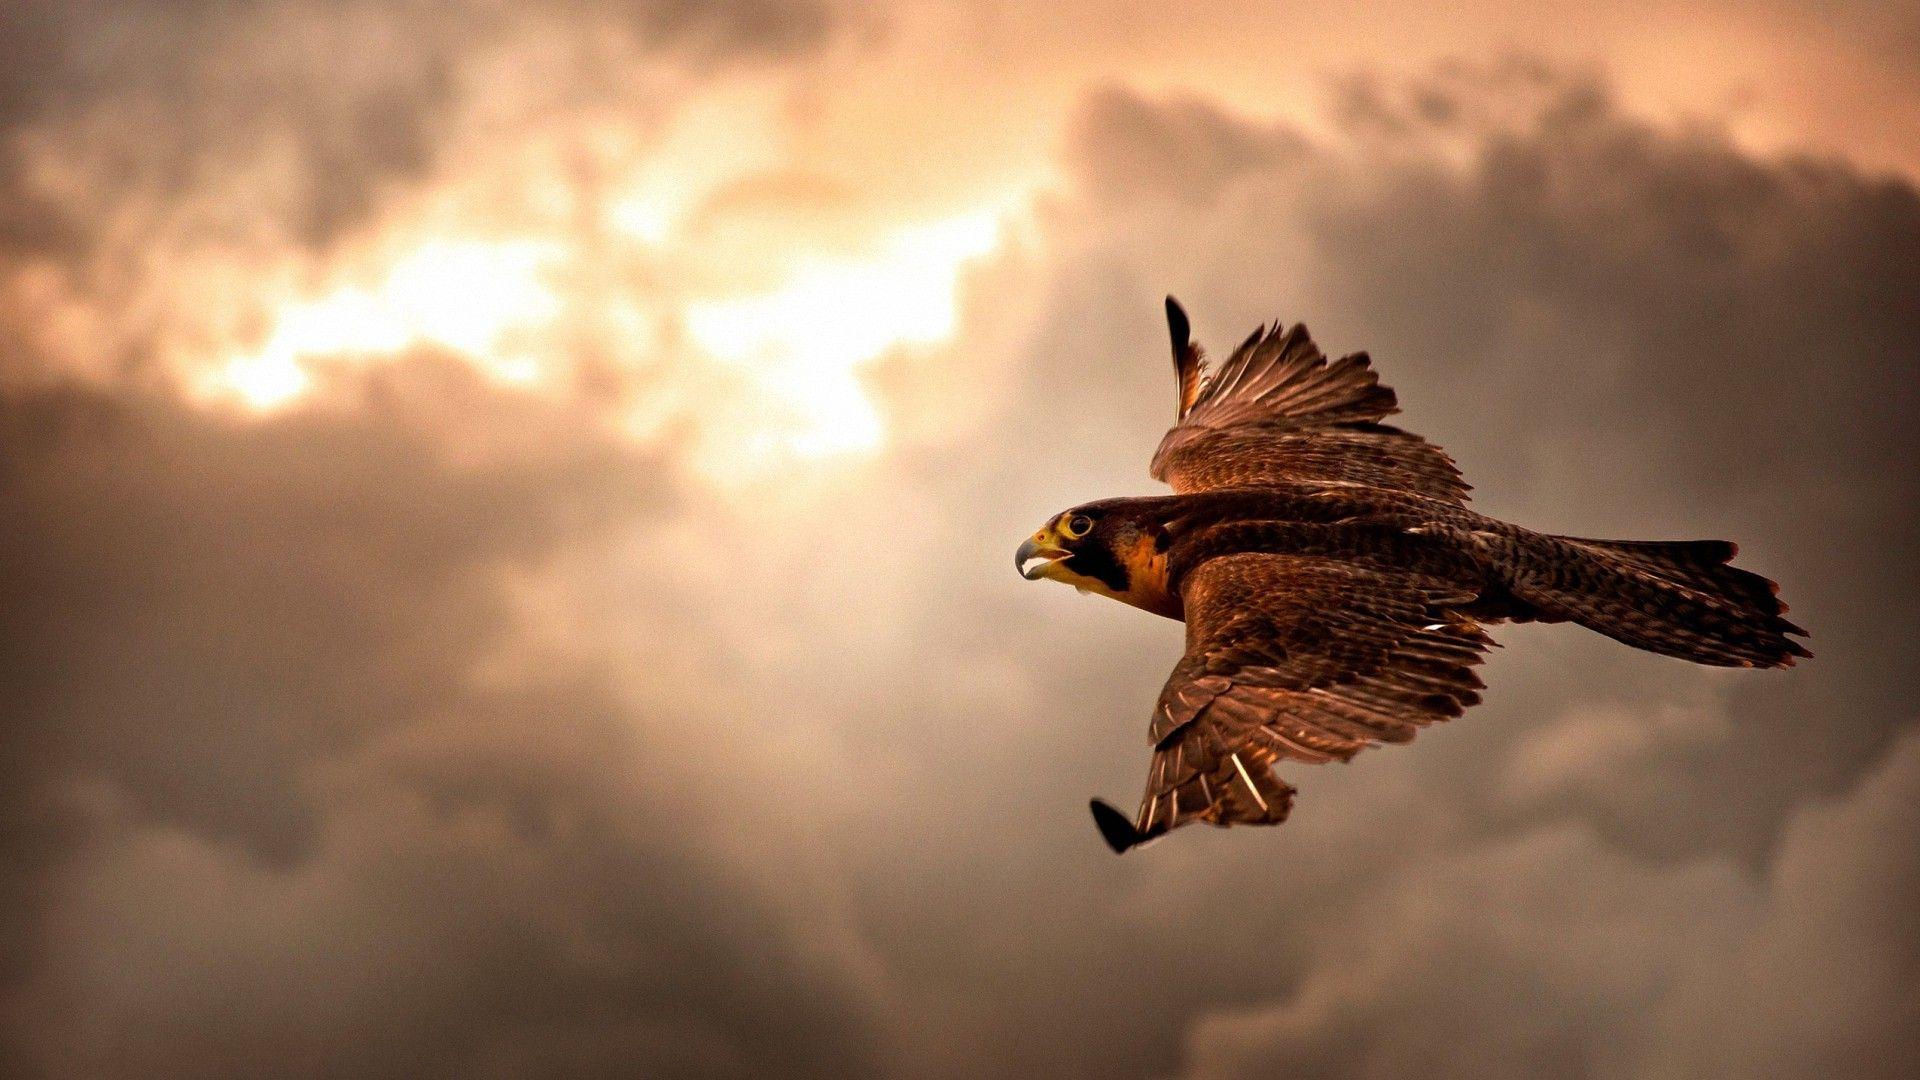 Clouds Hawk Flying Hd Wallpapers Desktop Backgrounds Eagle In Flight Eagle Wallpaper Pet Birds